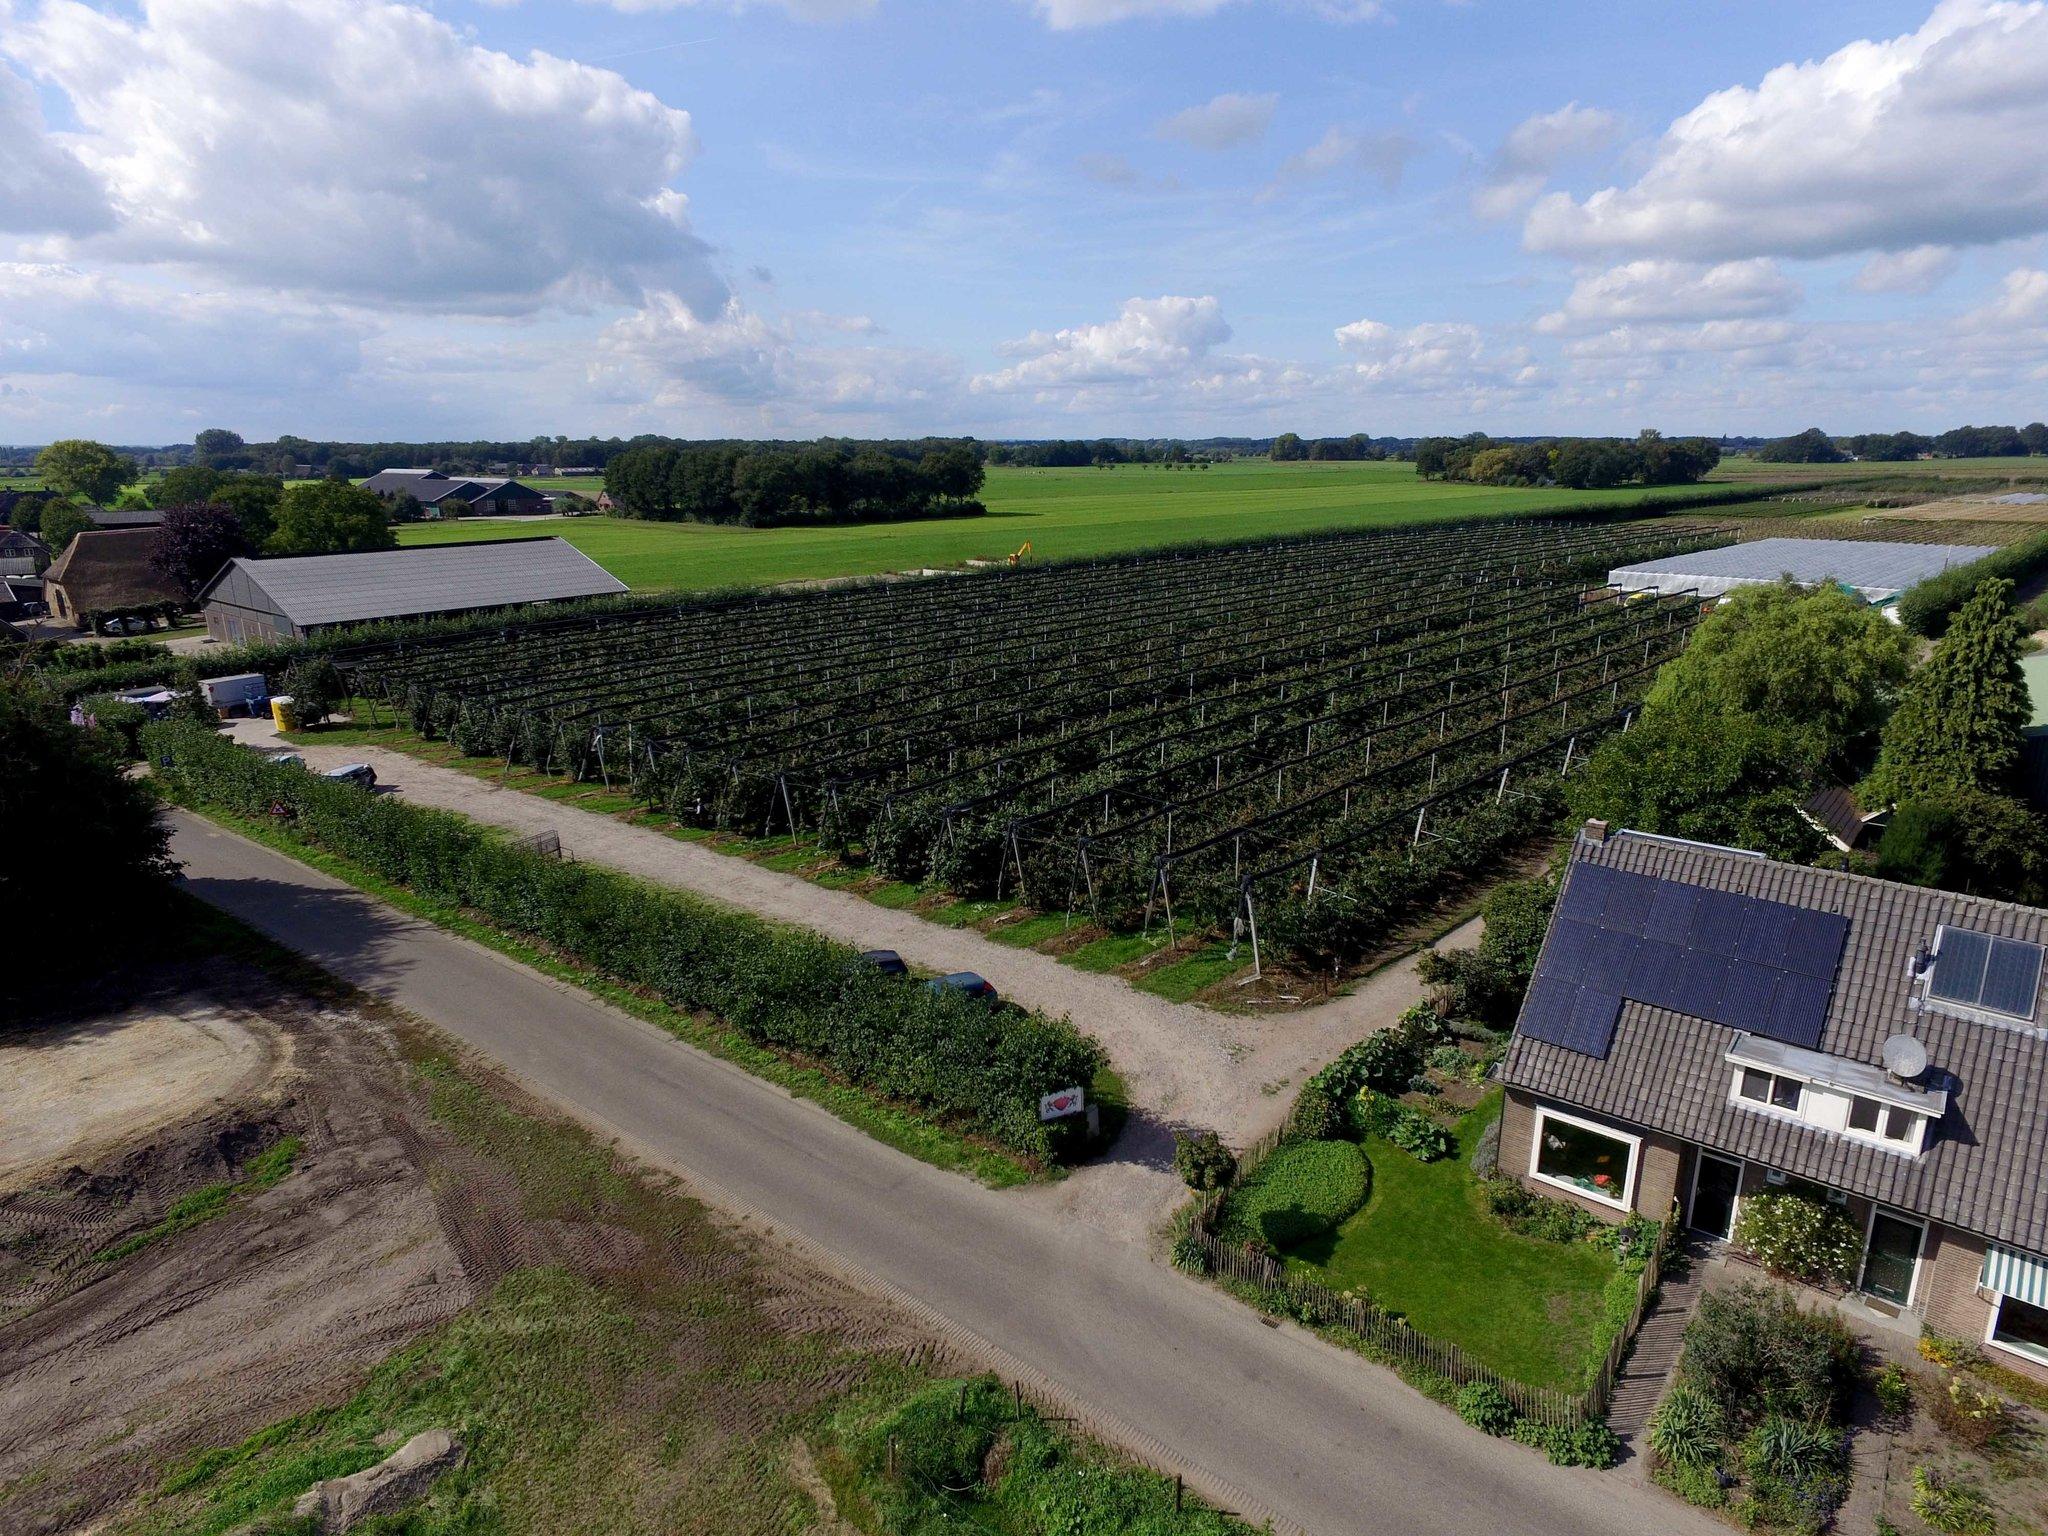 gorssel-gorsselse-enkweg-4154865-foto-52.jpg